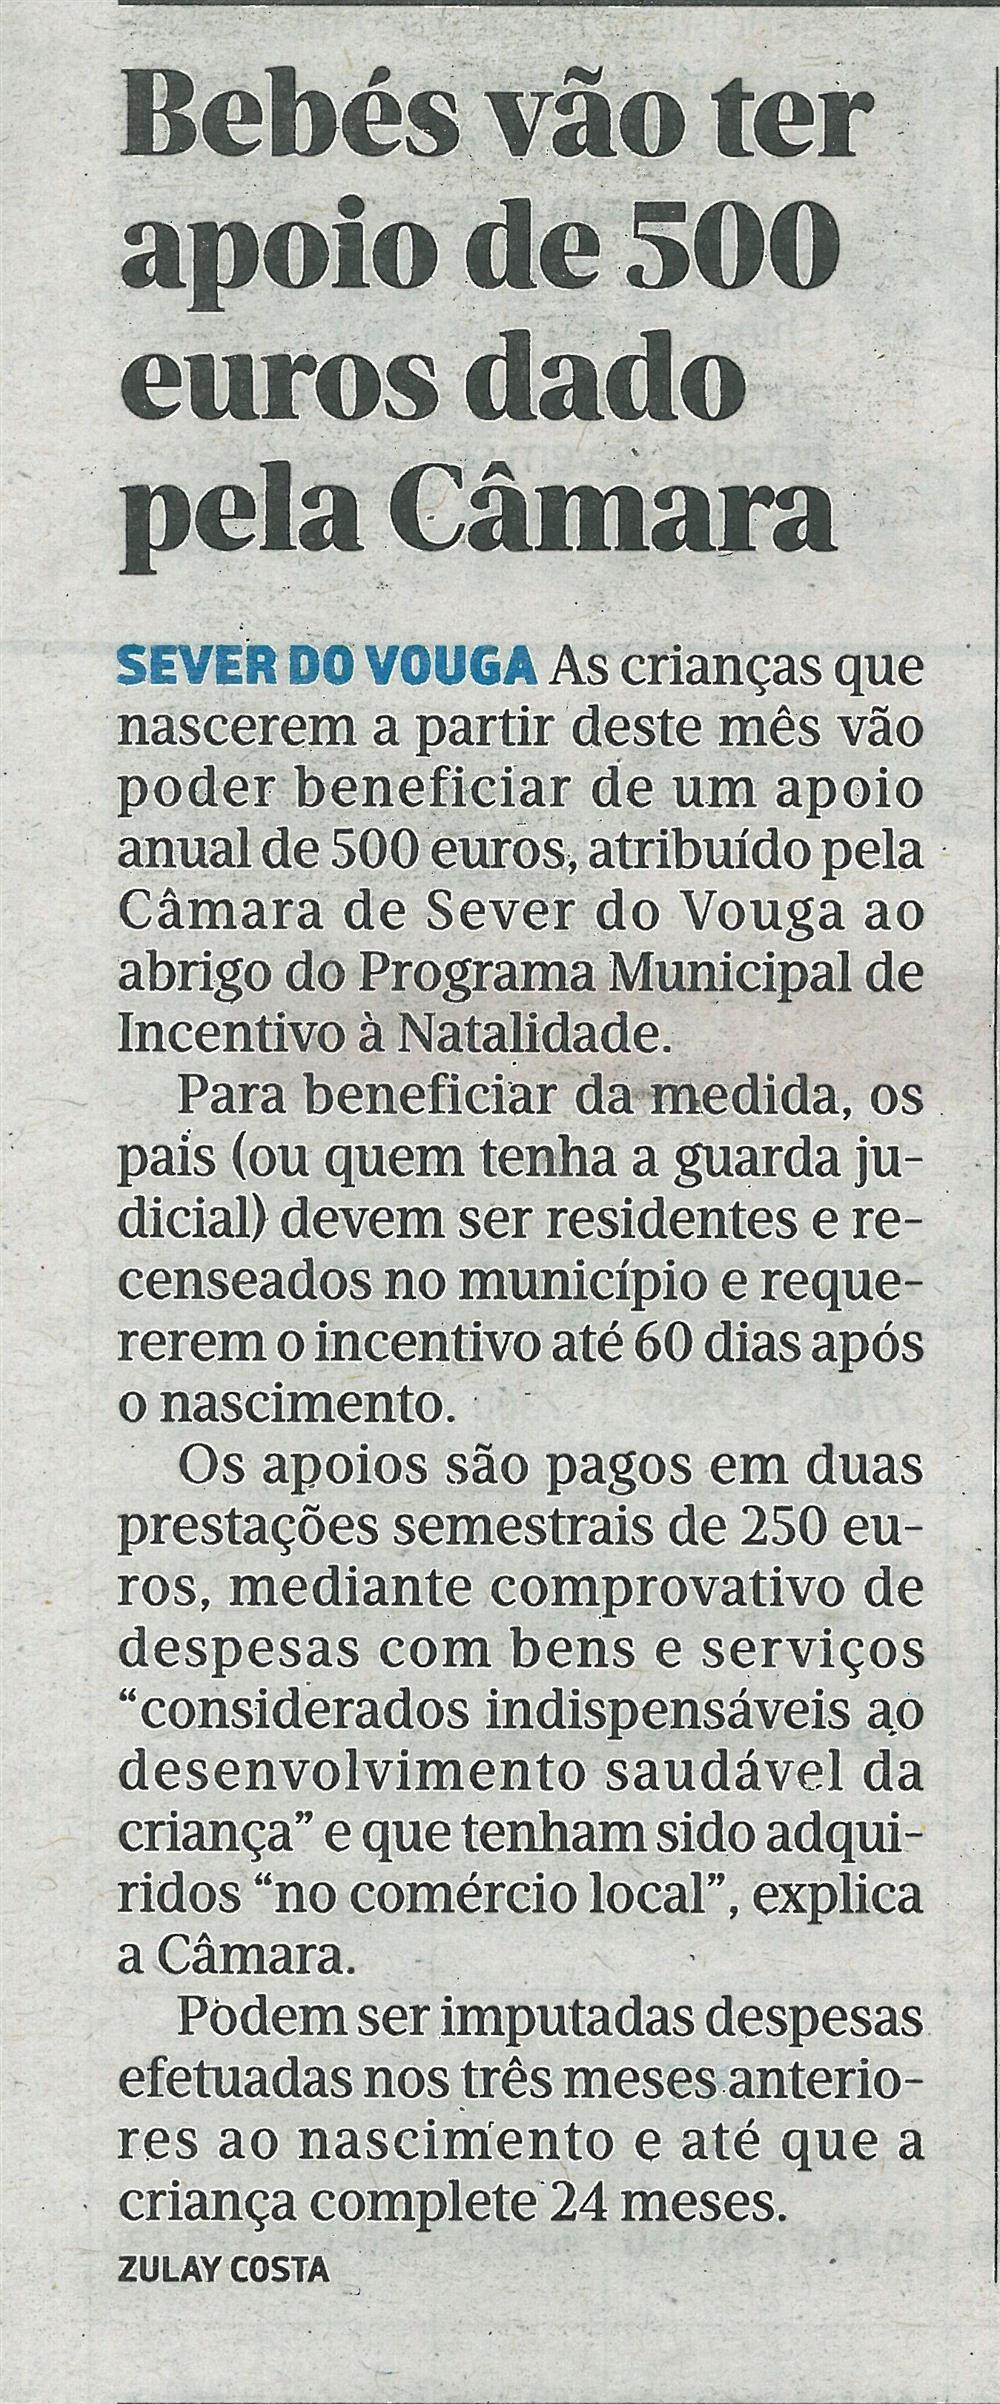 JN-03set.'19-p.17-Bebés vão ter apoio de 500 euros dado pela Câmara.jpg